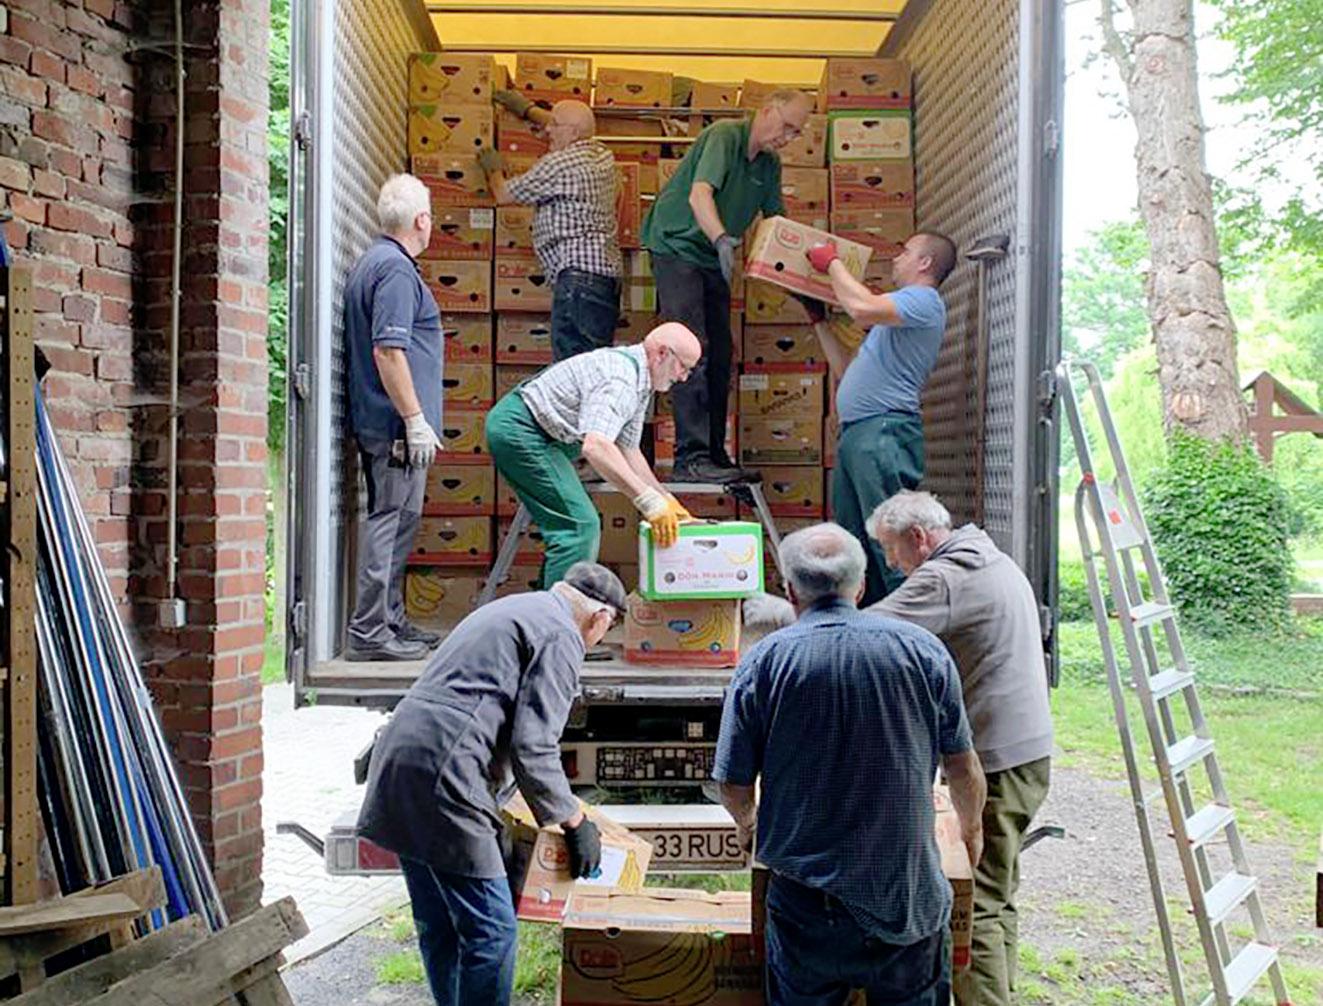 zum letzten Mal beluden die Helfer den LKW. Dabei wurde jede noch so kleine Lücke mit Hilfsgütern ausgefüllt